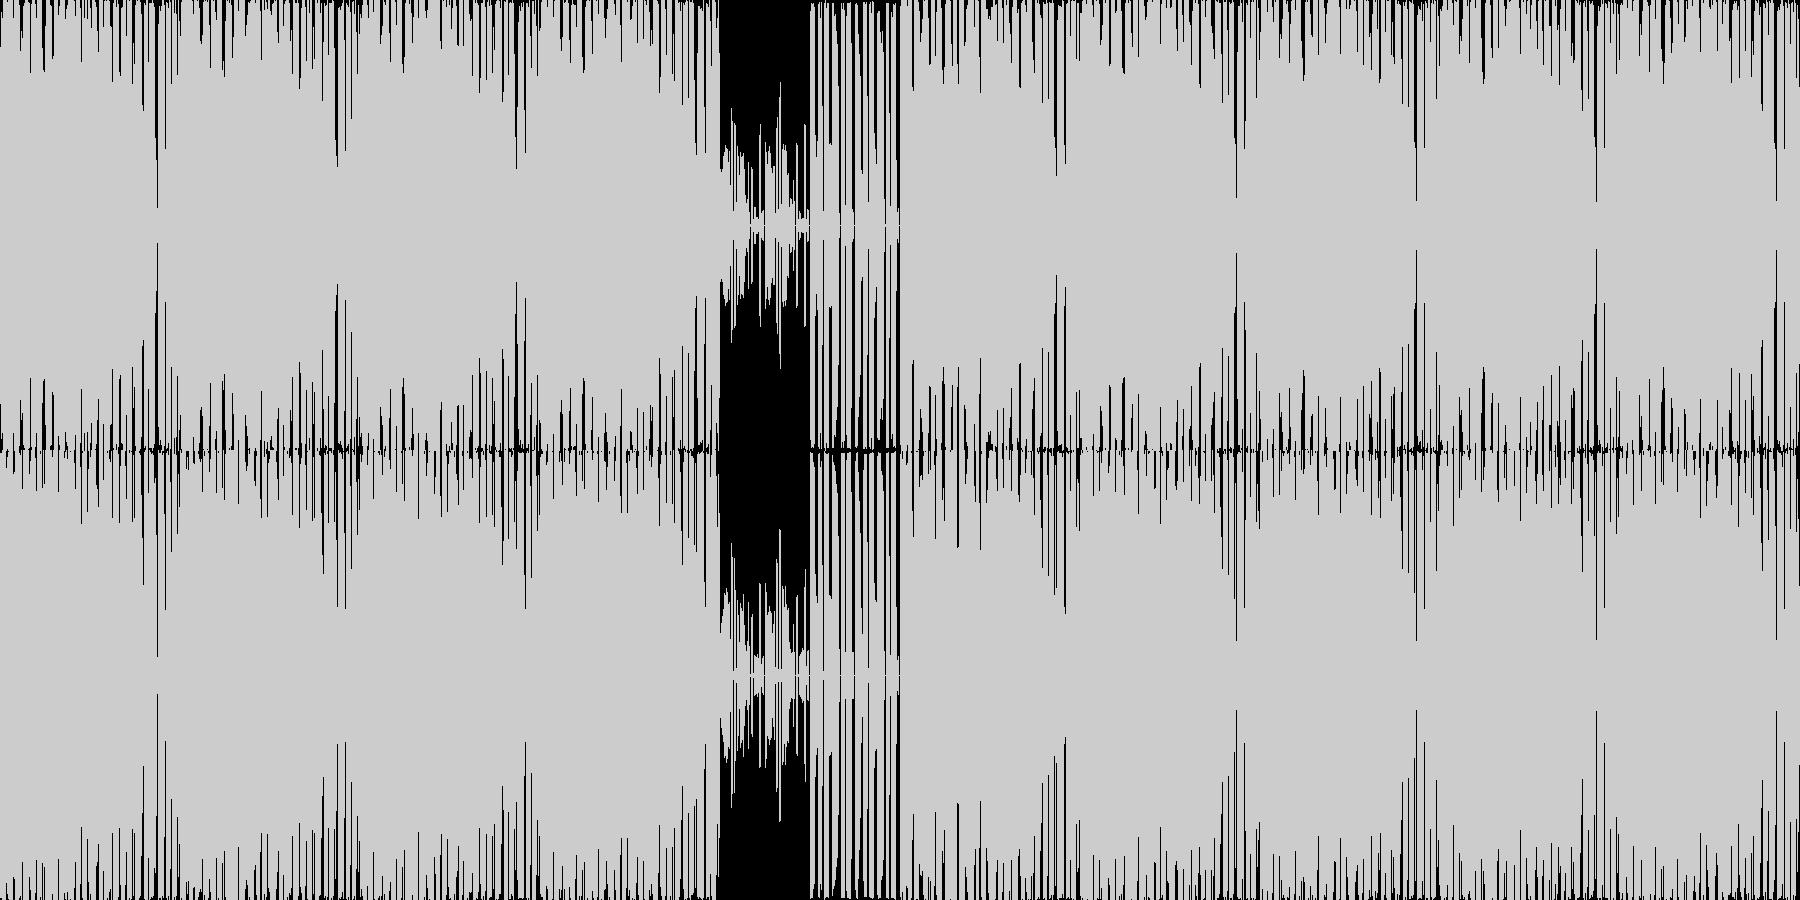 【スタイリッシュハウス・テクノ】の未再生の波形